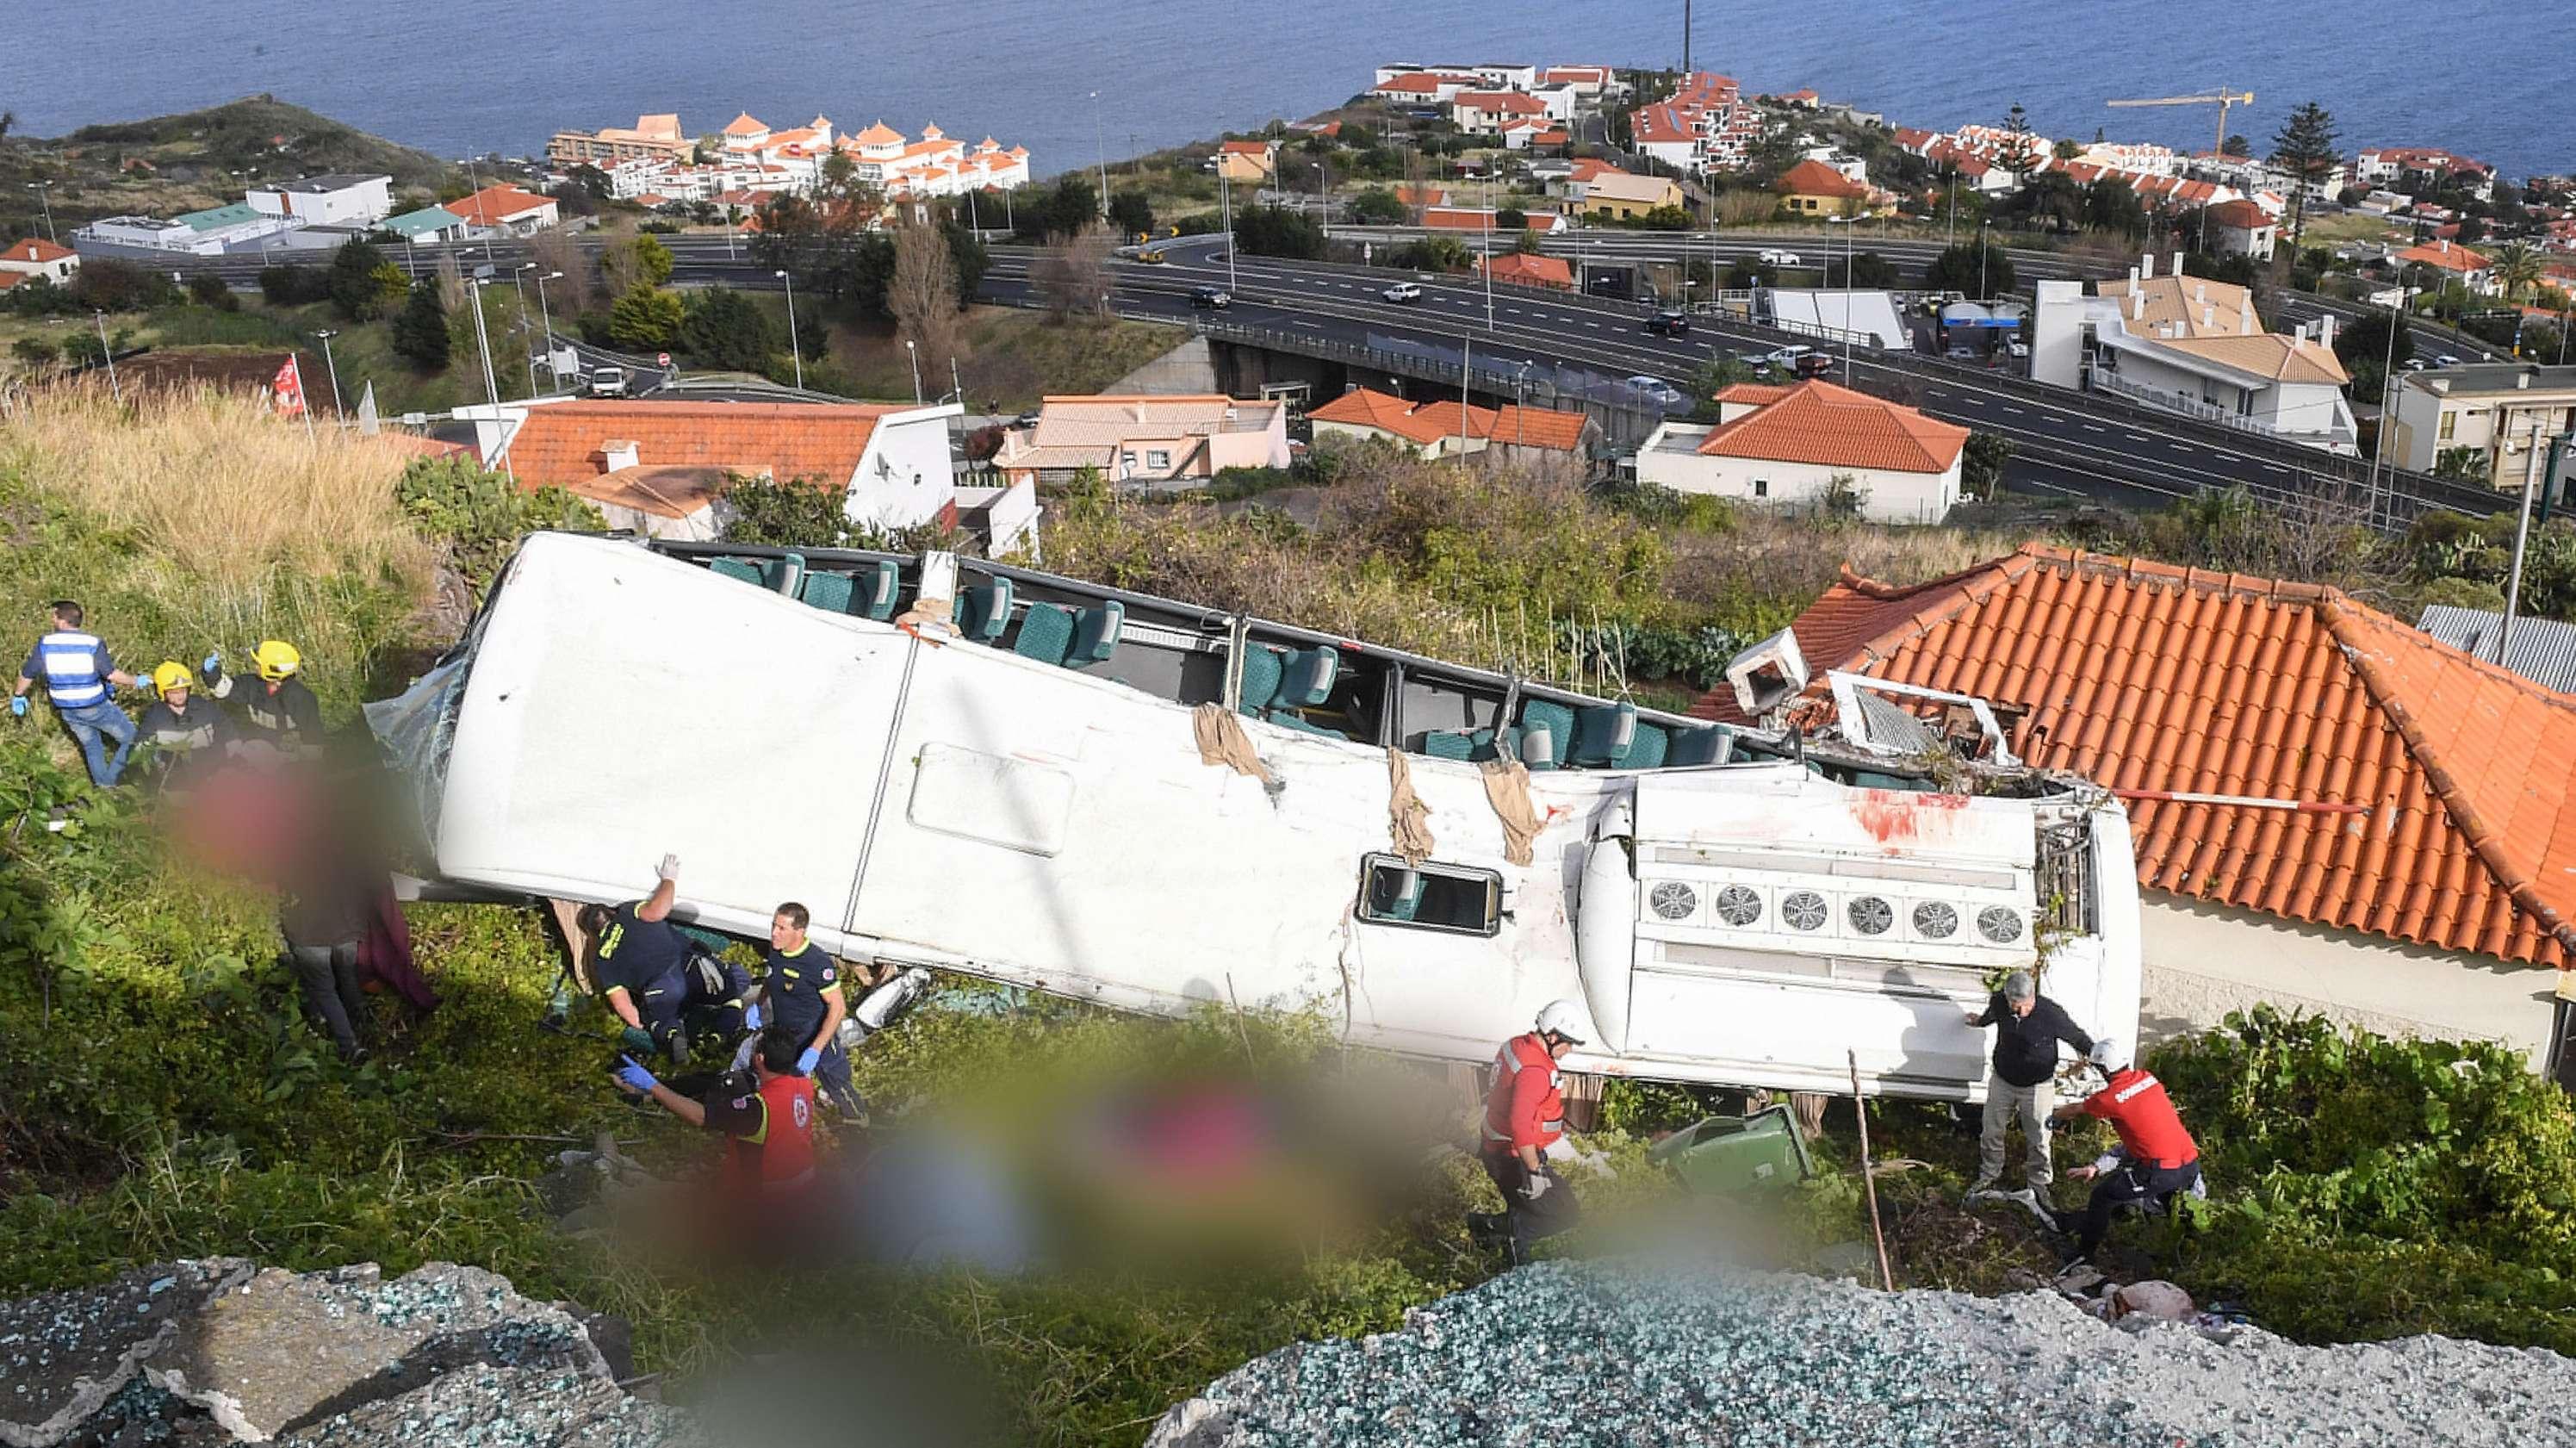 Rettungskräfte nach dem schweren Busunglück auf Medeira in der Nähe des Busses.